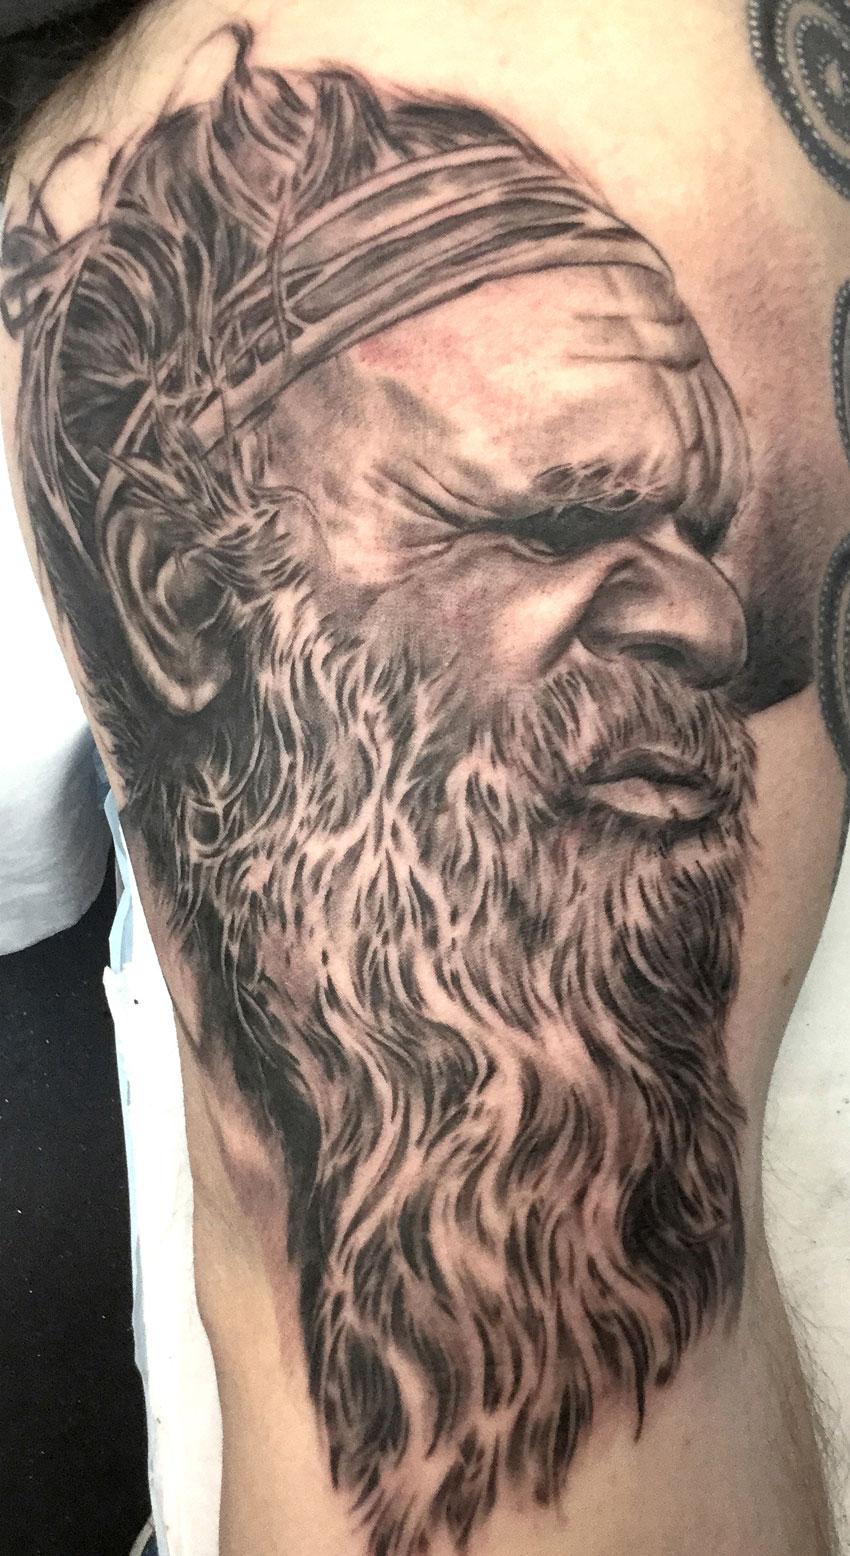 Nathan Puata - Black and grey aboriginal tattoo